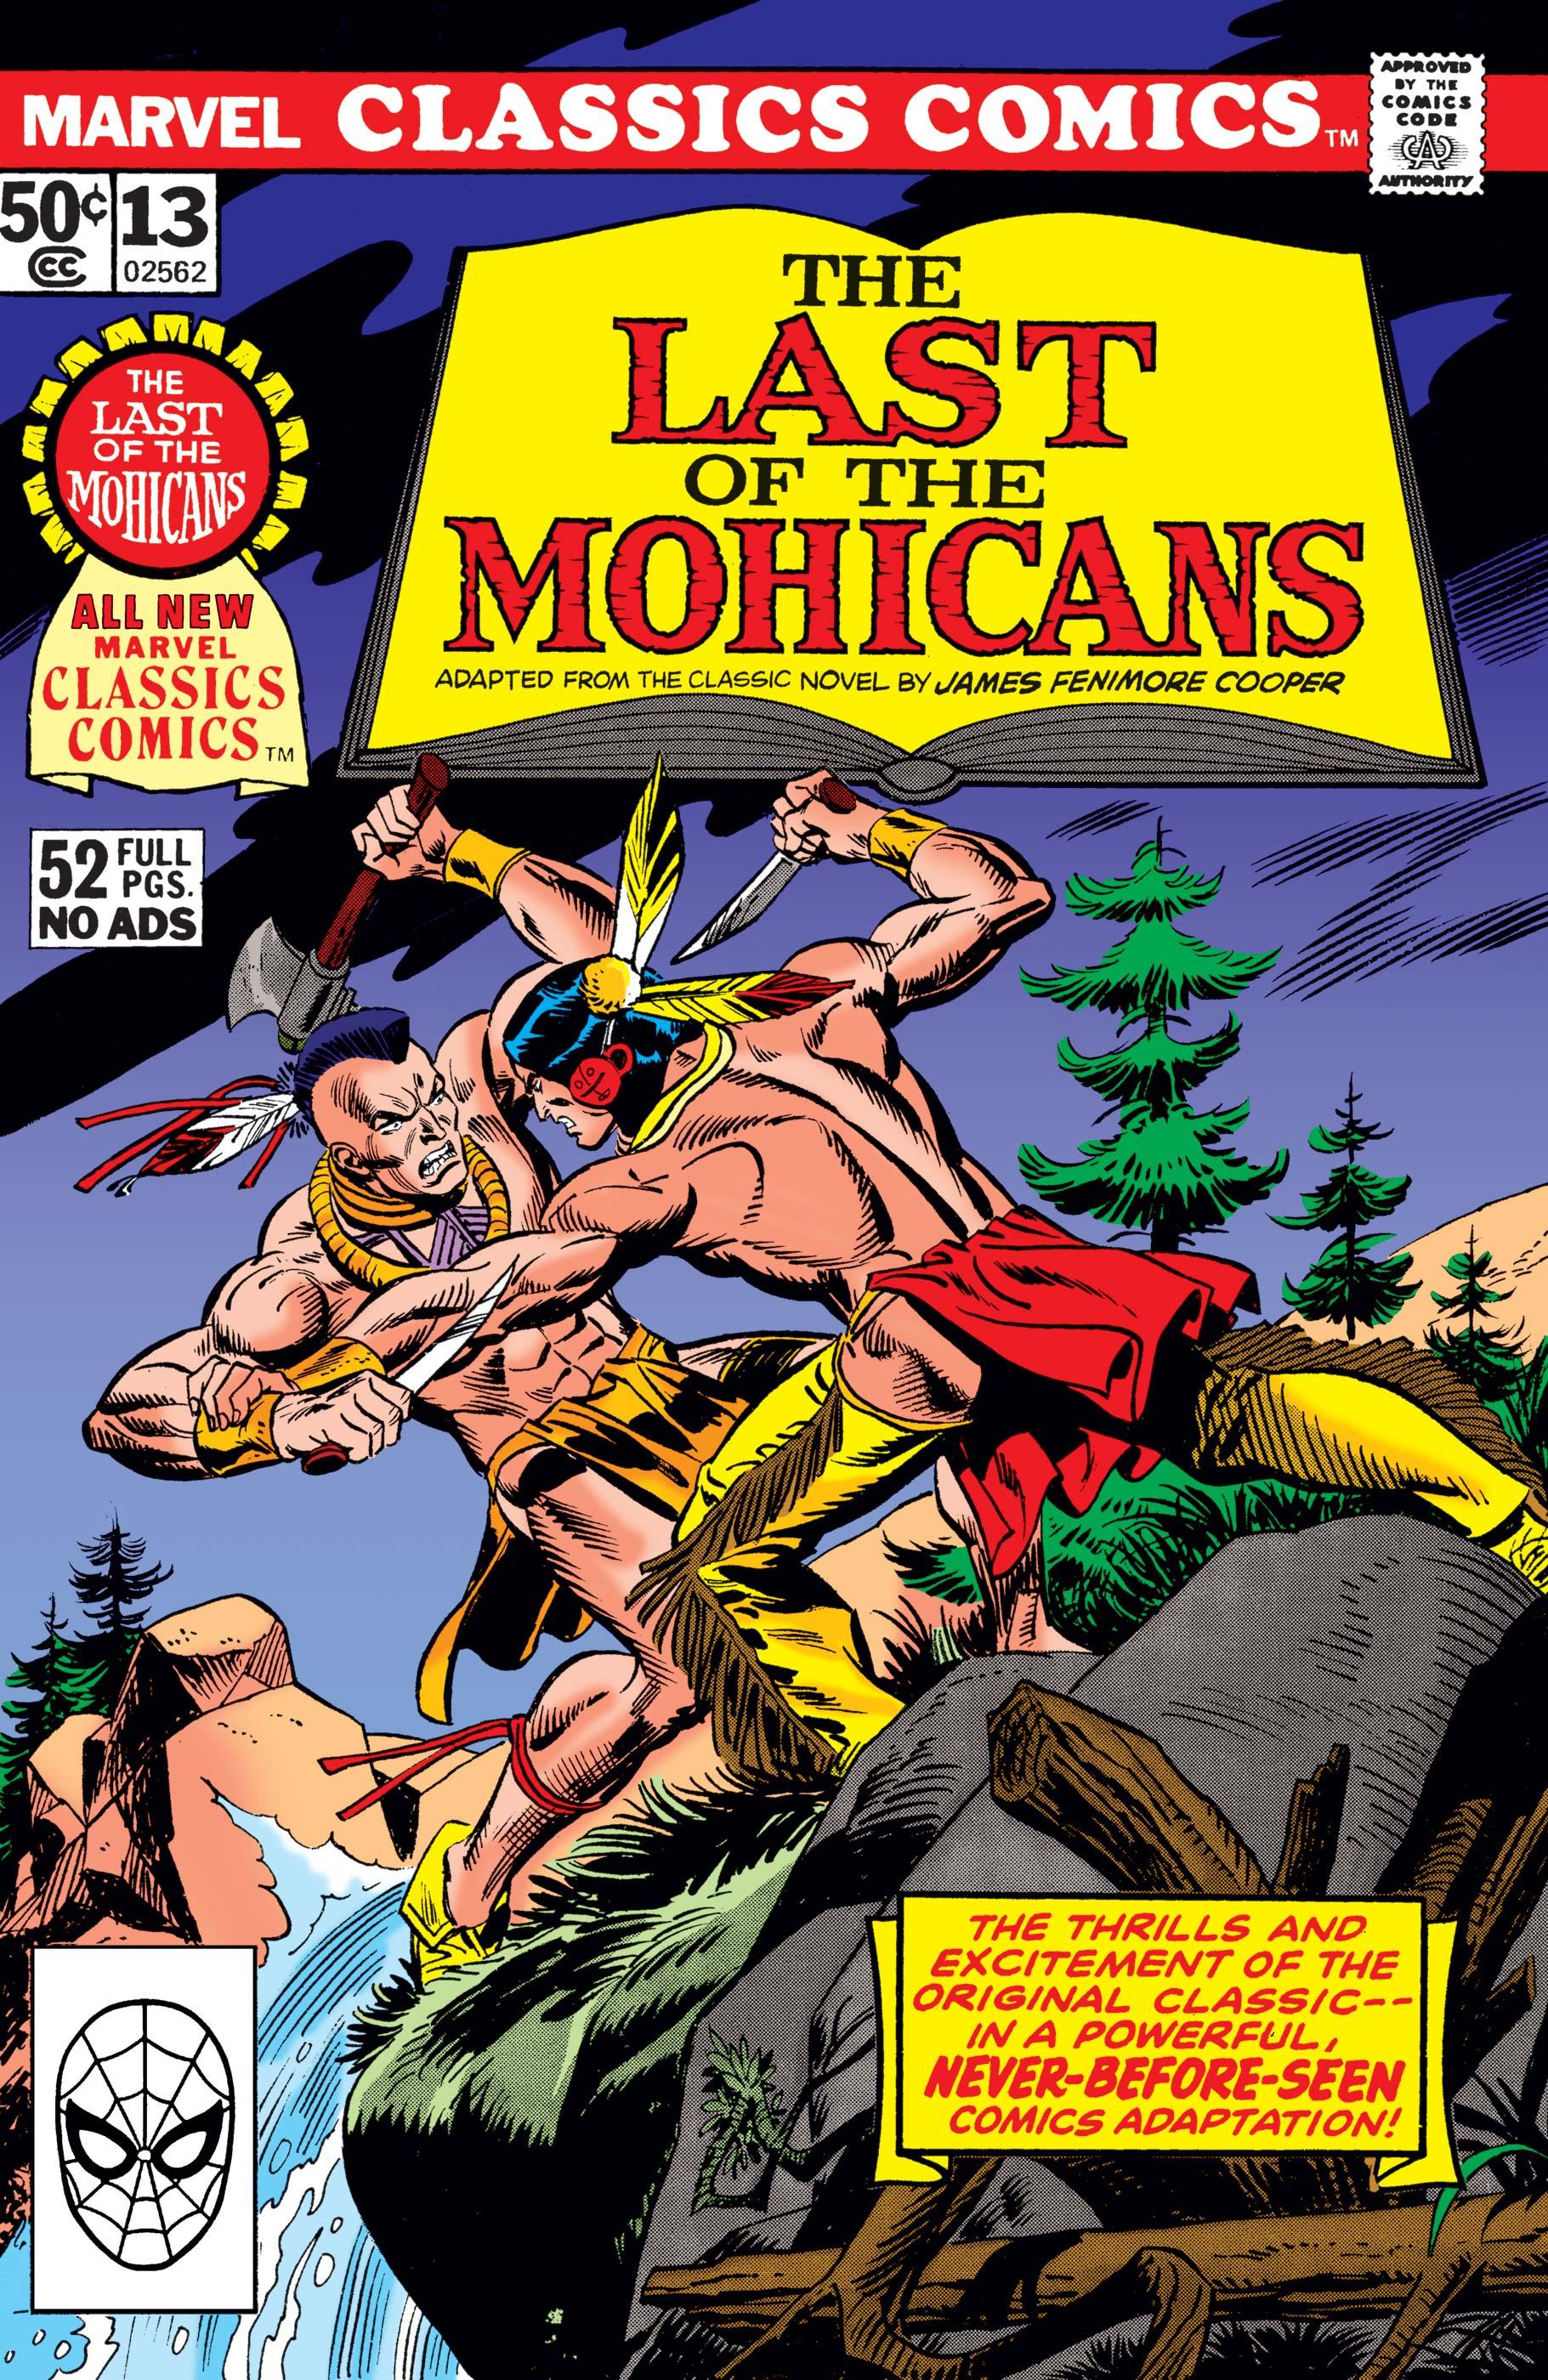 Marvel Classics Comics (1976) #13